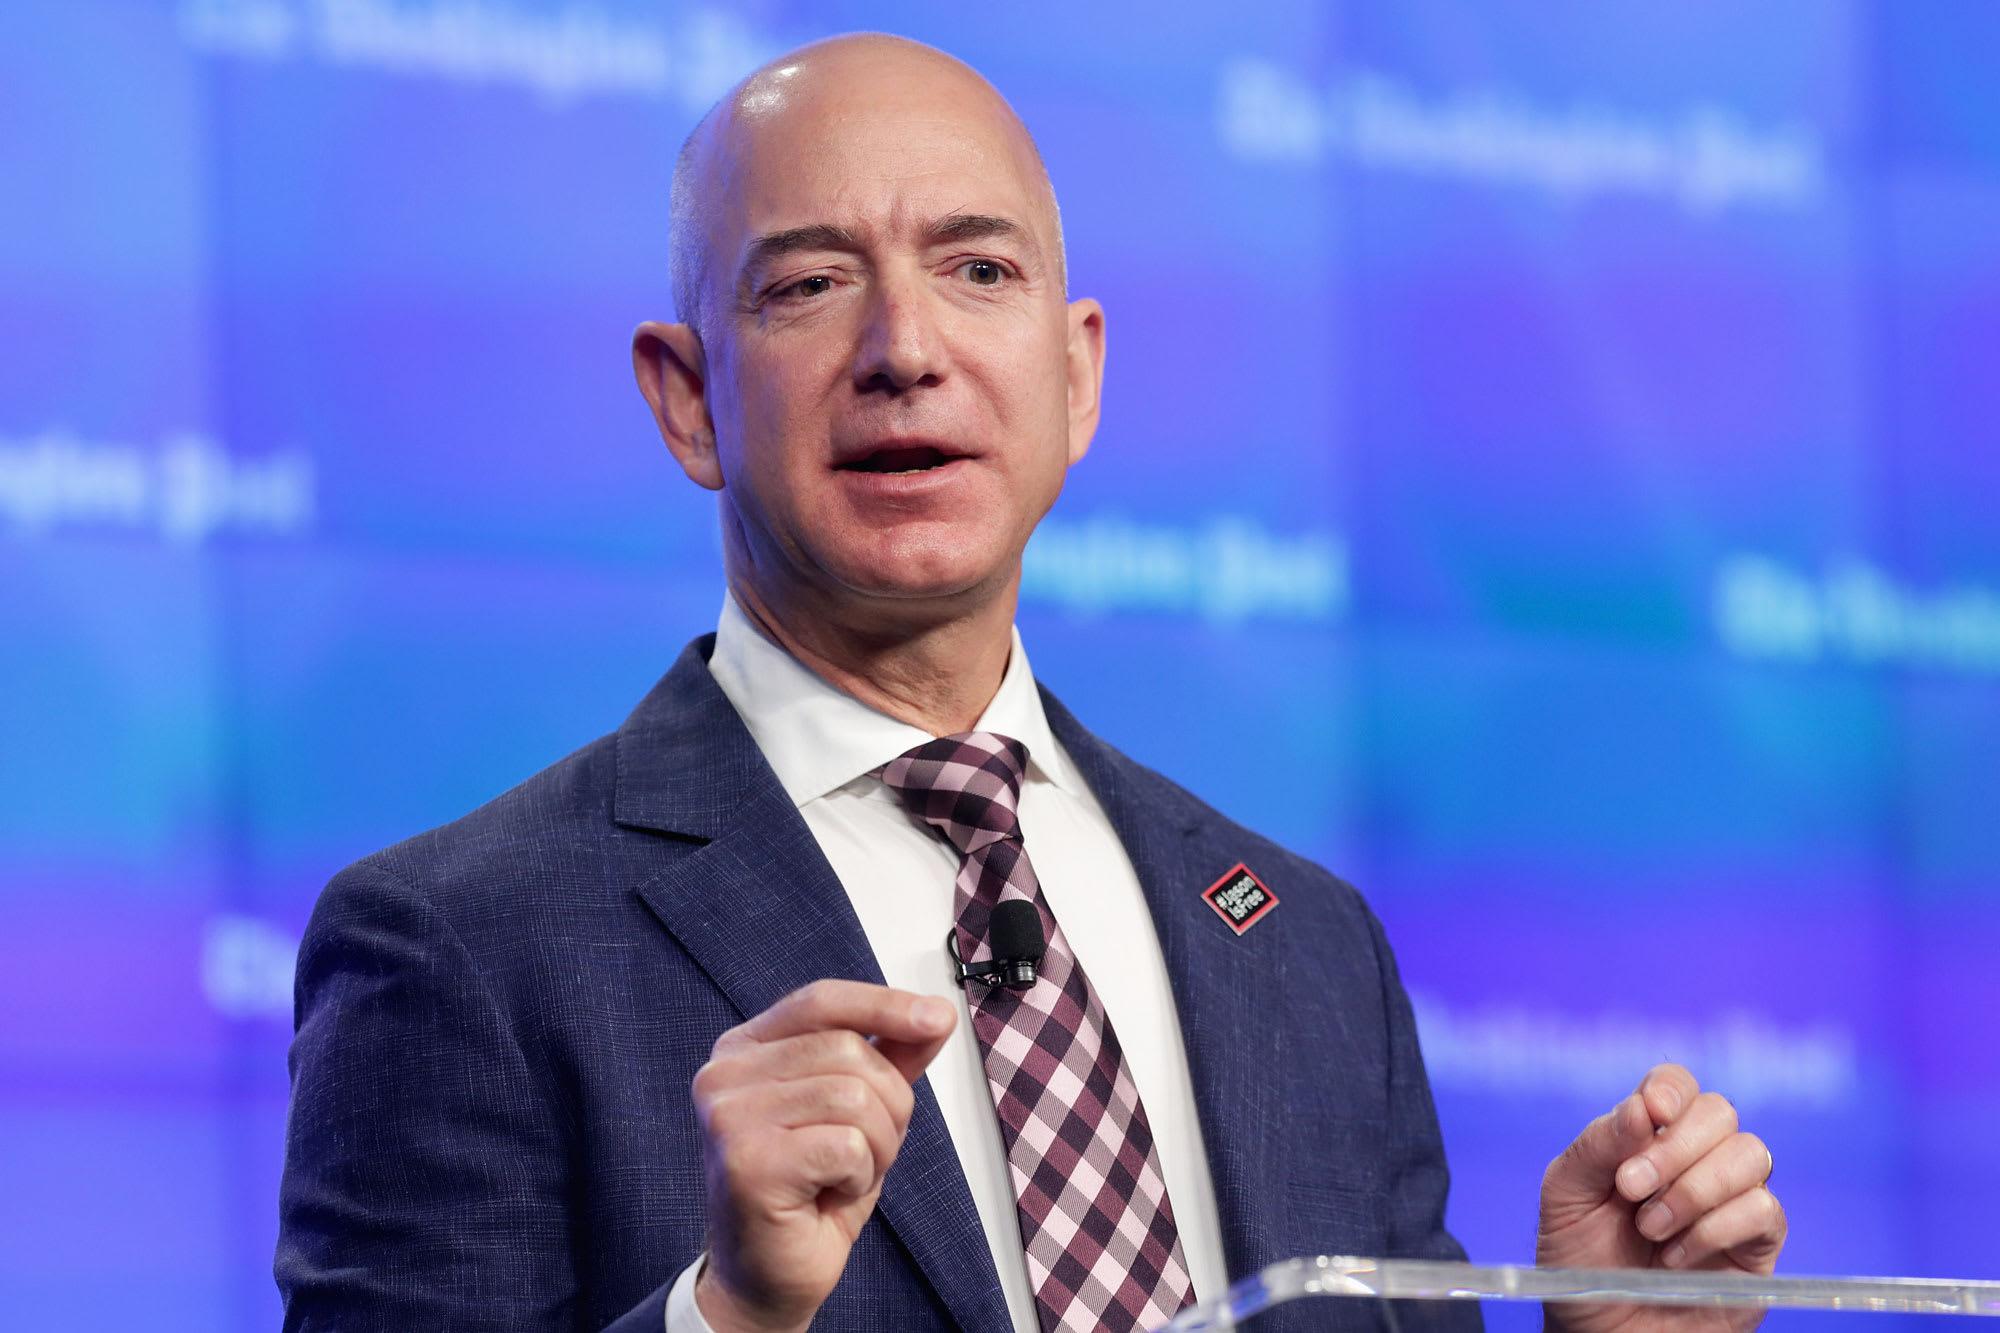 Thư tuyển dụng 'đánh đố' nhân viên IT của Jeff Bezos